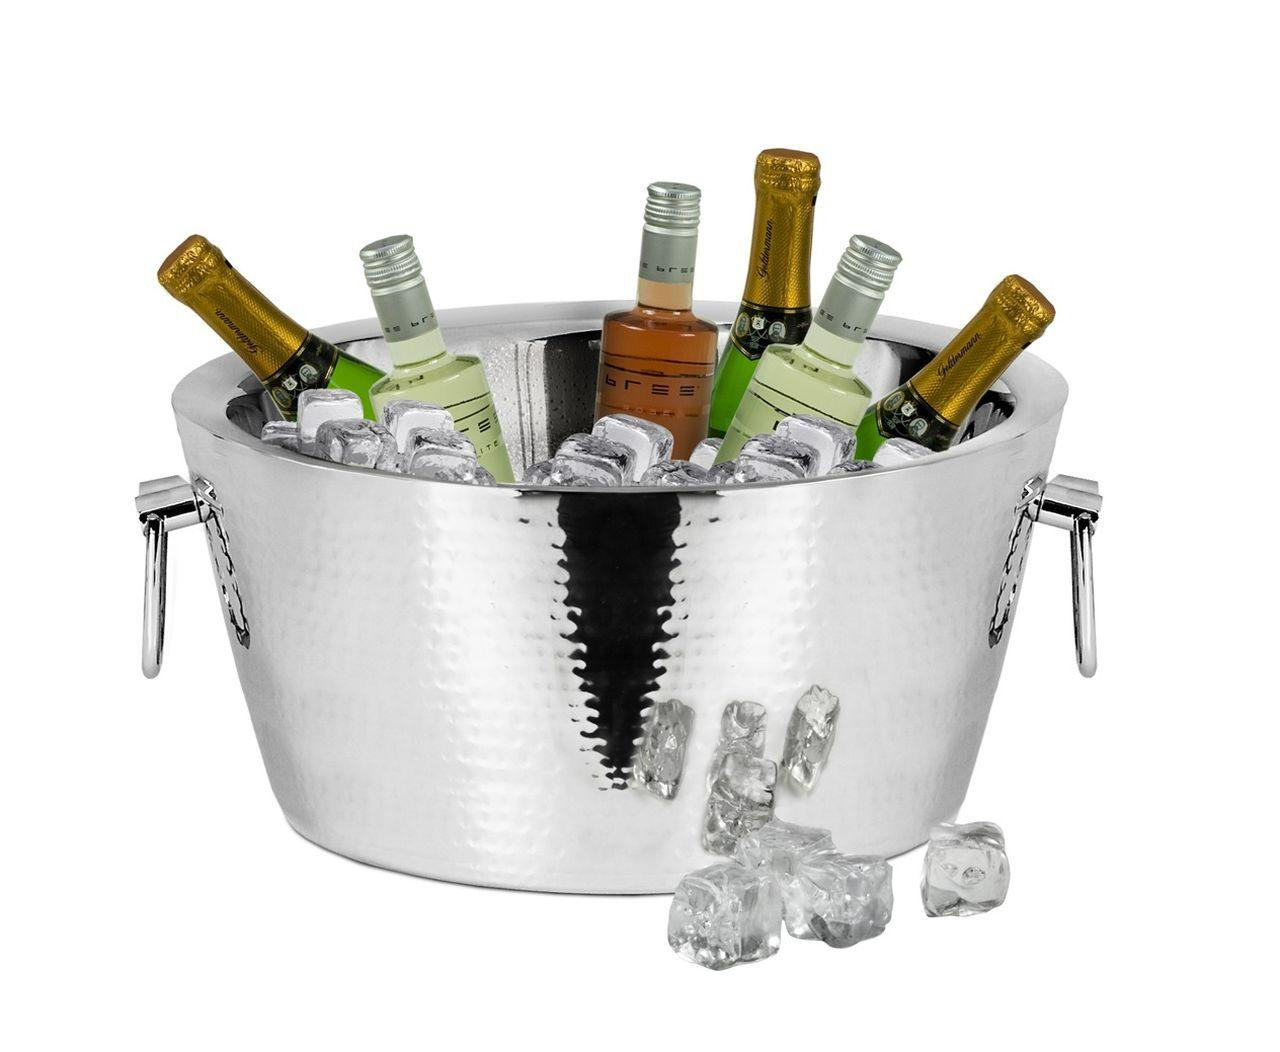 Spumantiera Champagne Doppia parete per 6 bottiglie con manici stile martellata cm.18h diam.37,5